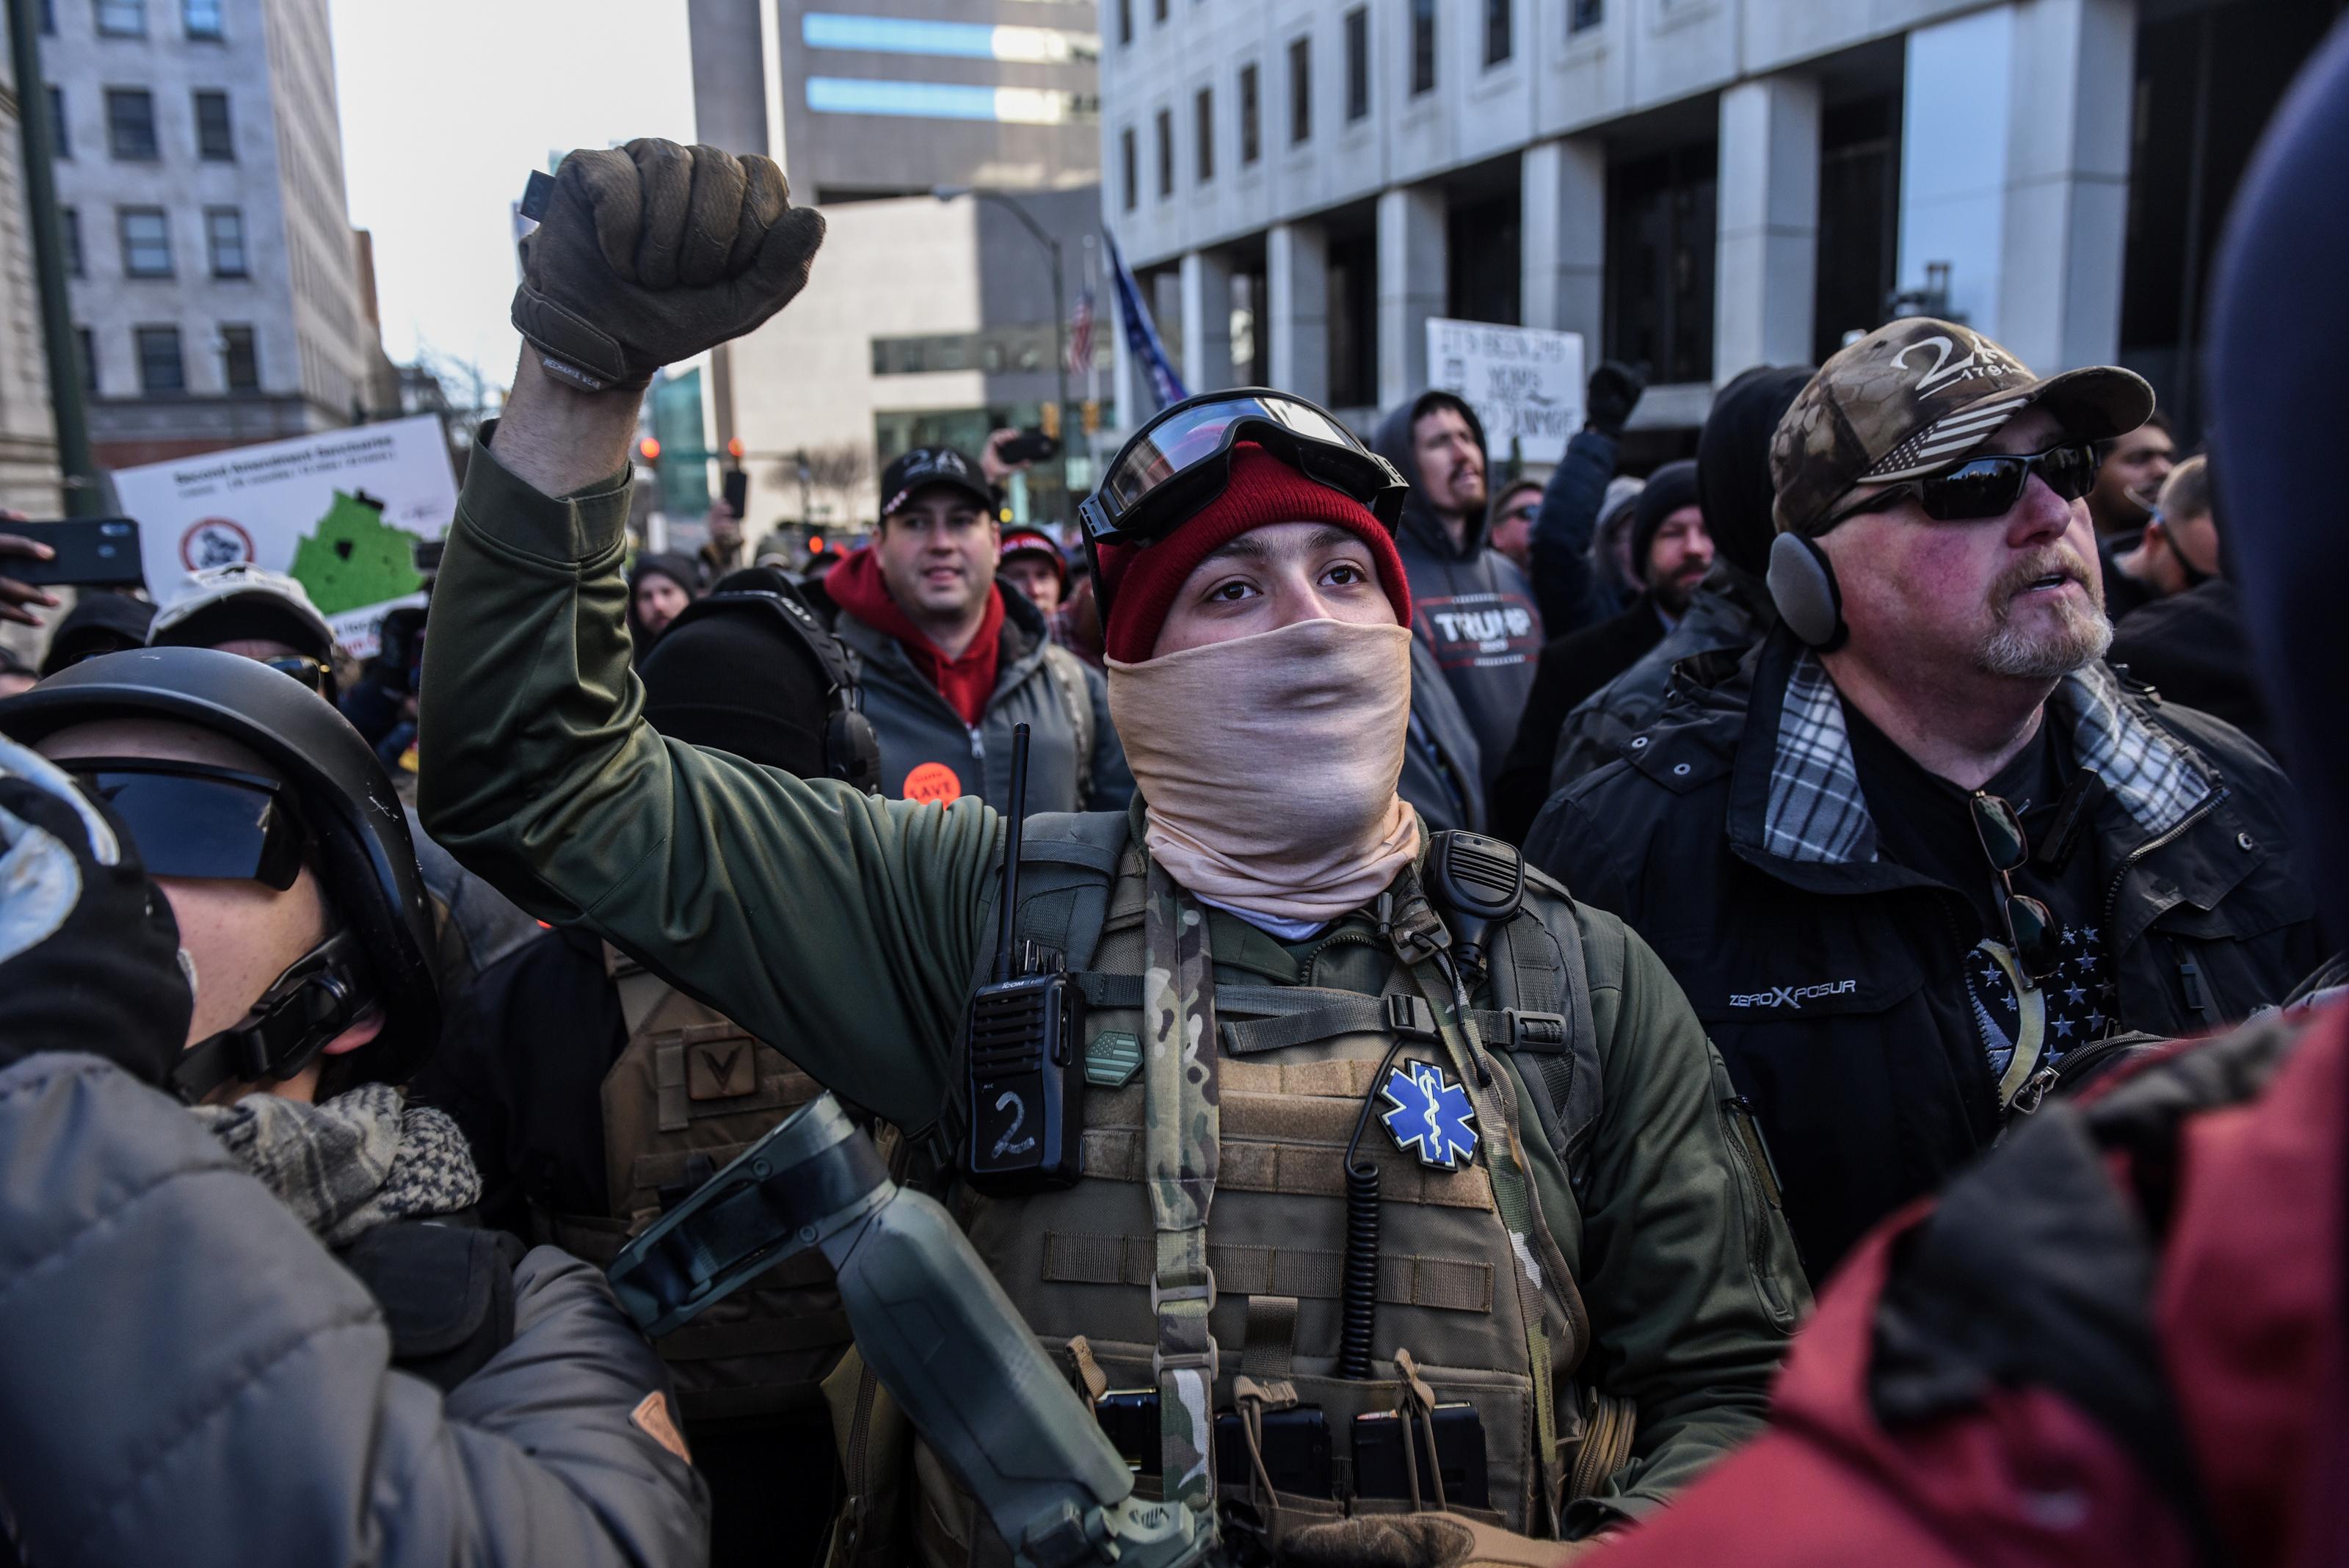 Algunos asistentes vitorean durante el evento (REUTERS/Stephanie Keith)